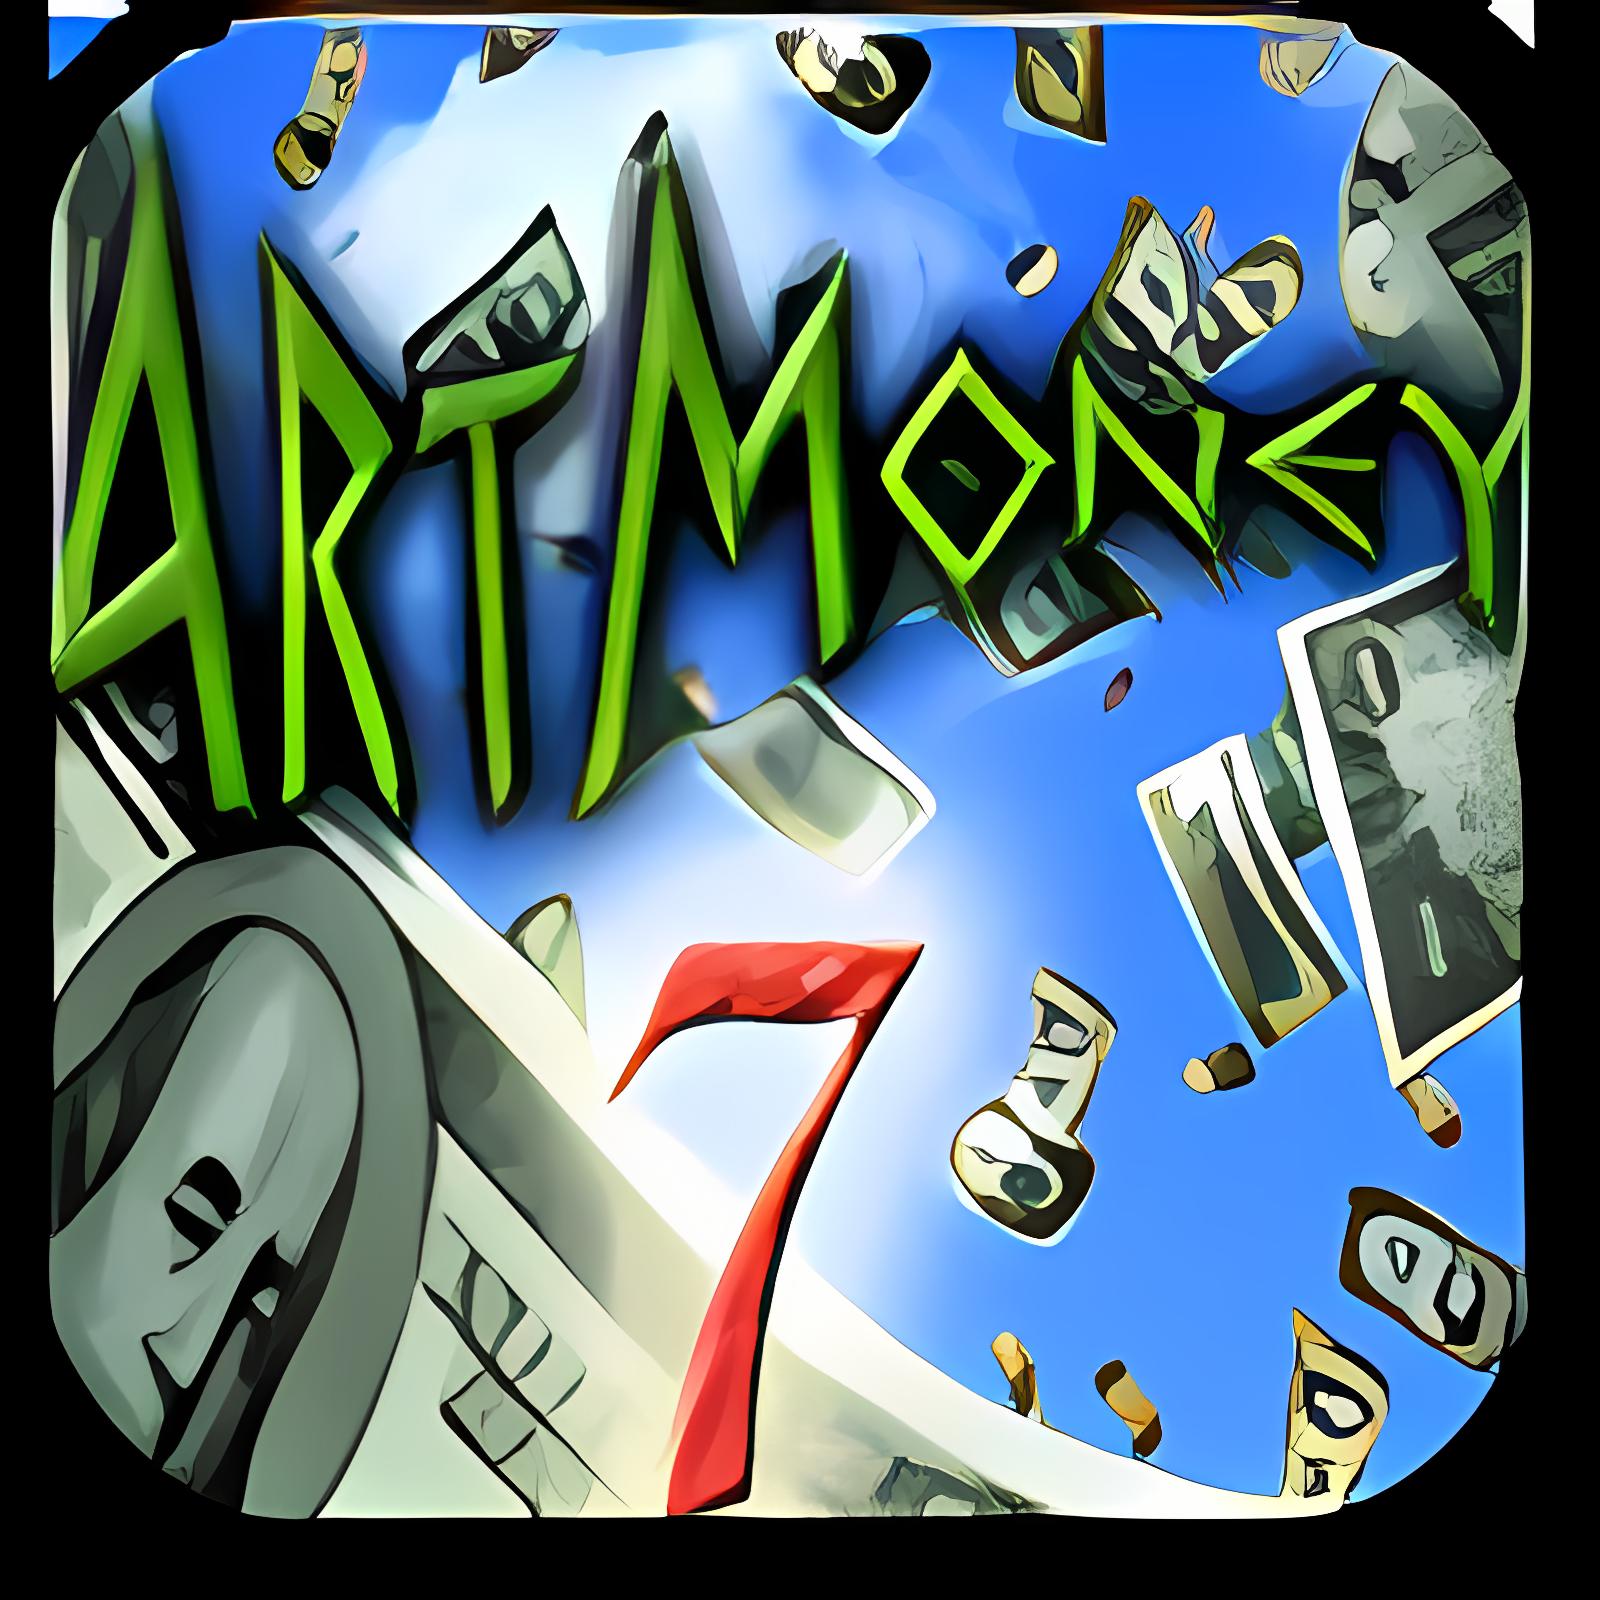 ArtMoney 7.40.5